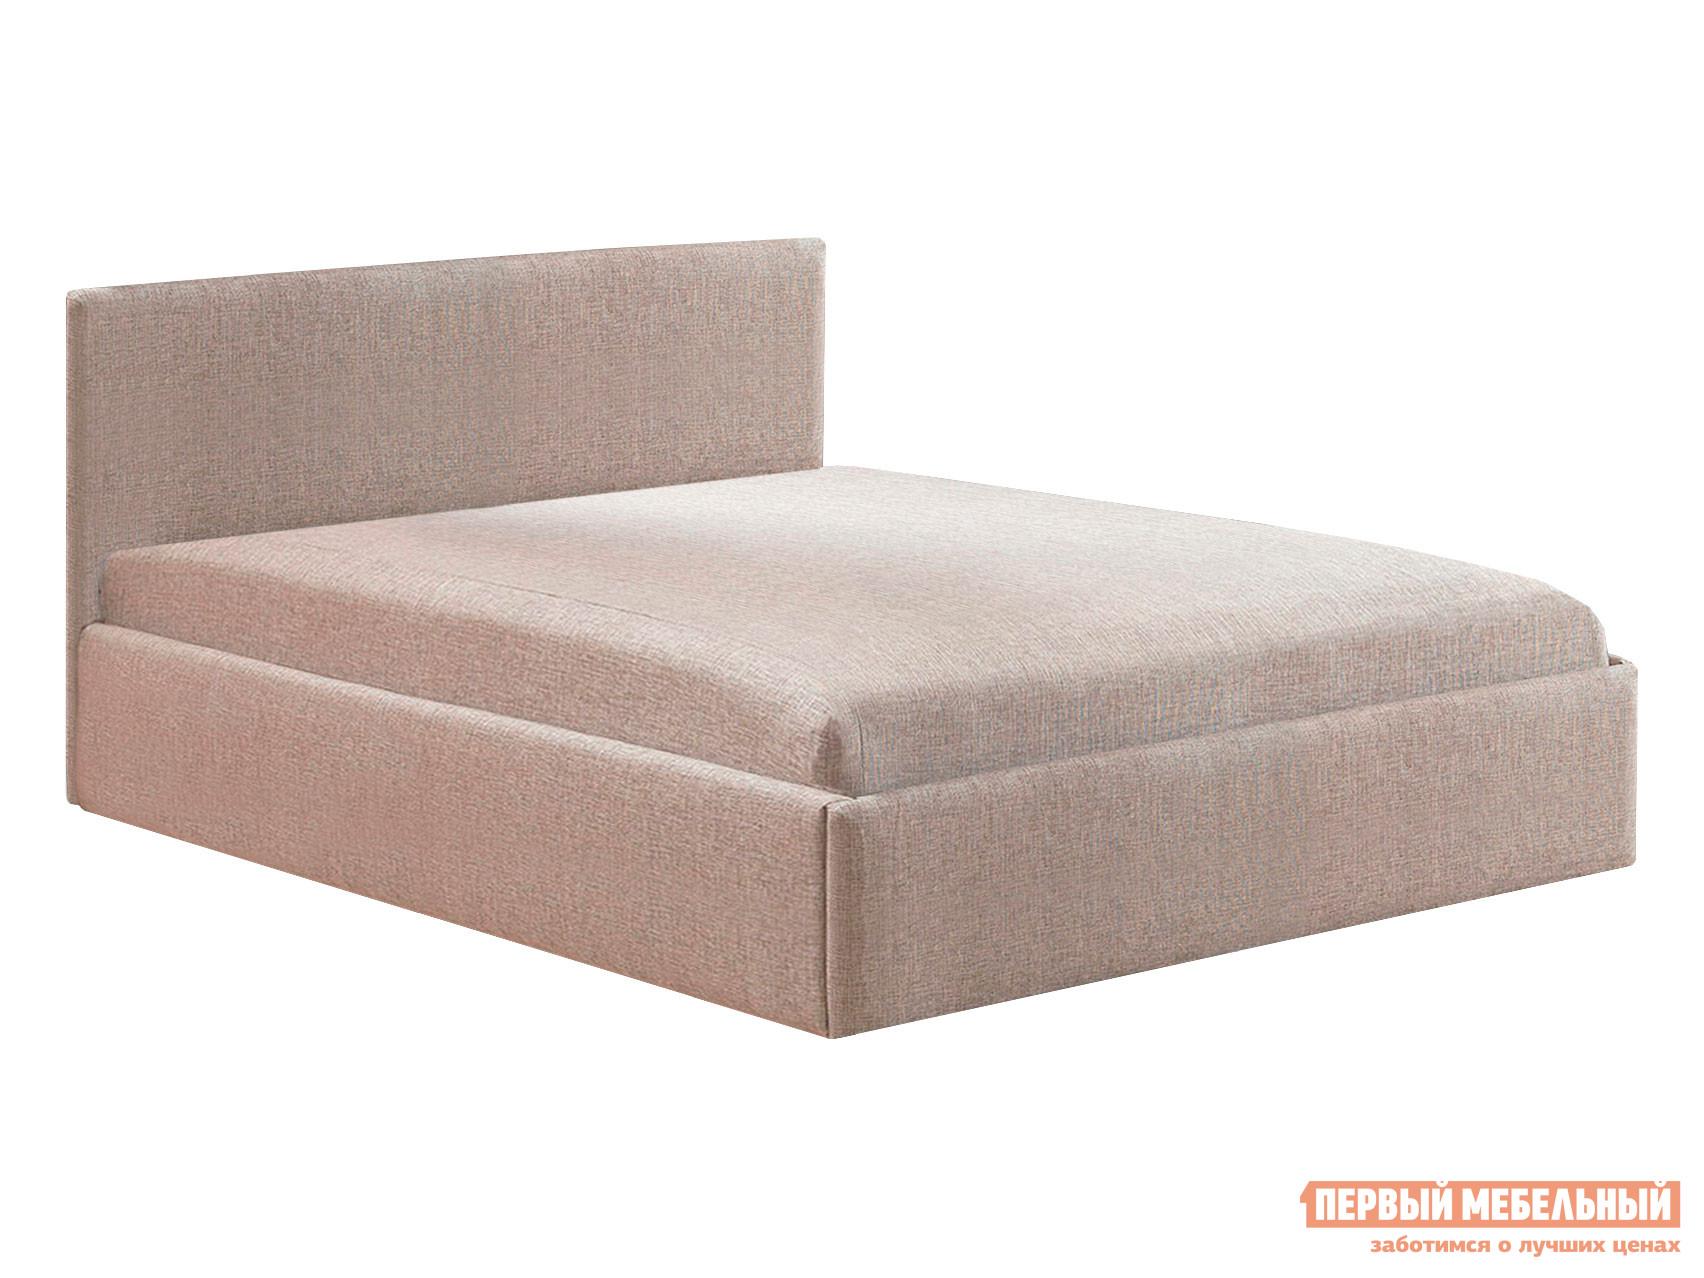 кровать двуспальная купить екатеринбург недорого с матрасом авито